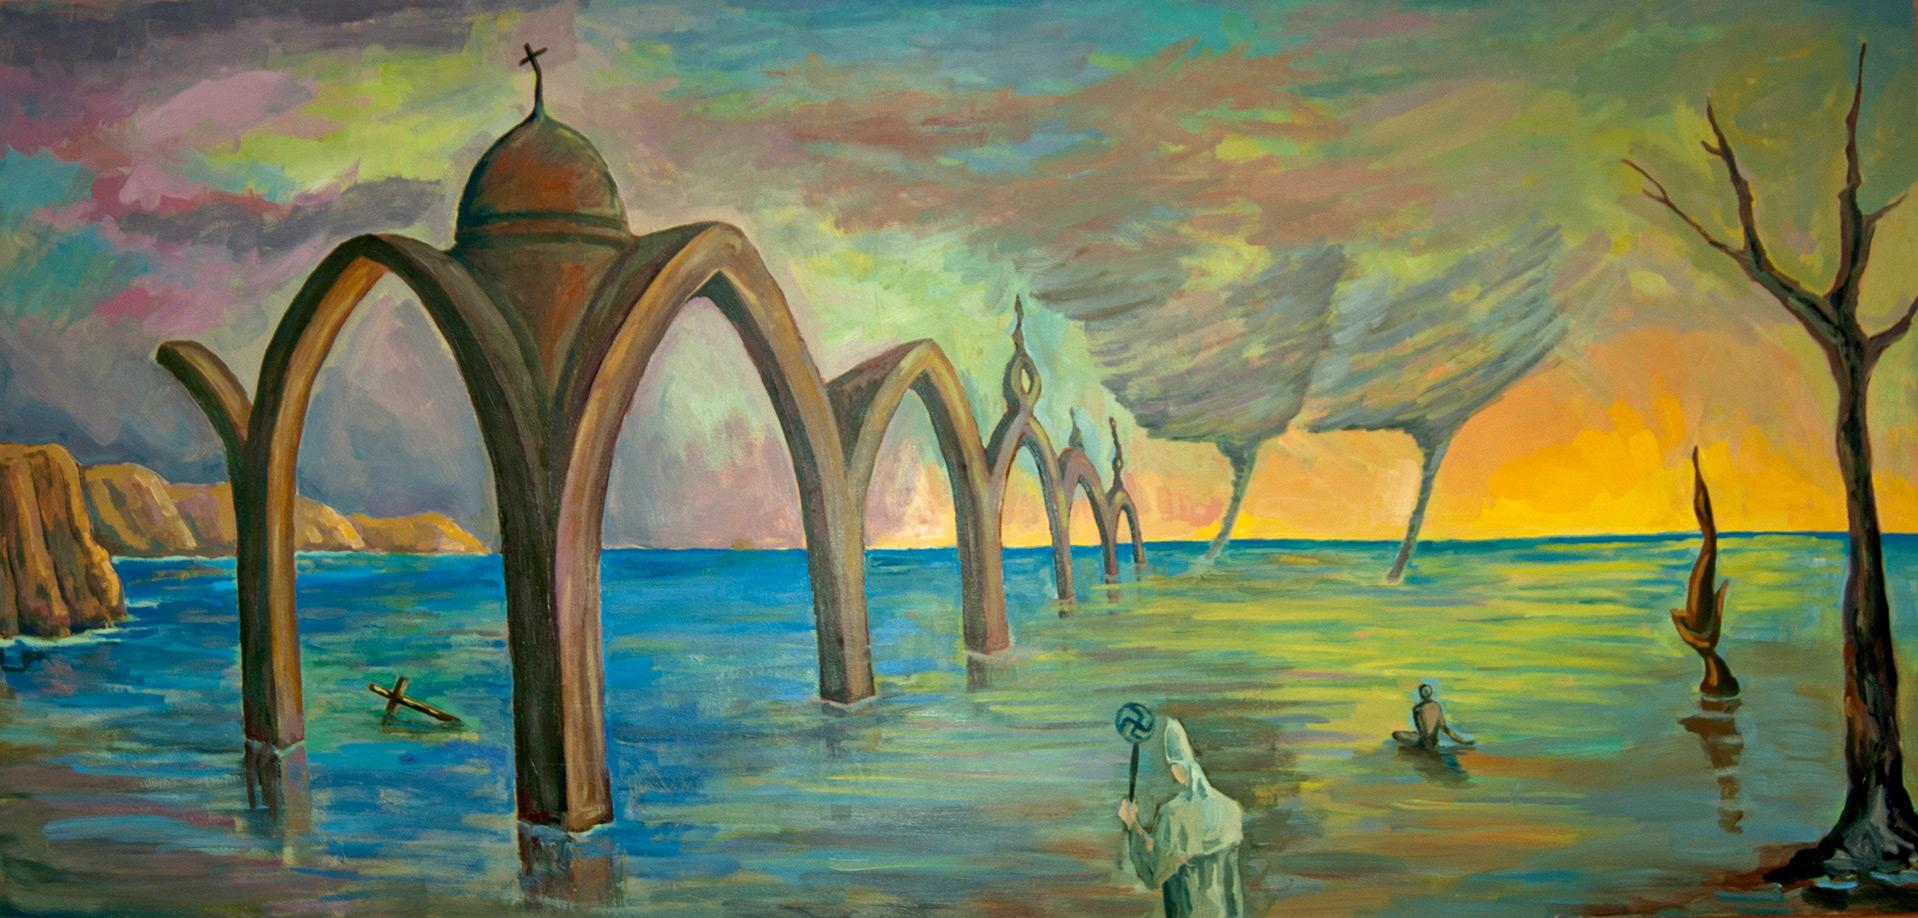 Pintura-Ciclones-en-la-iglesia-RD.Escultor